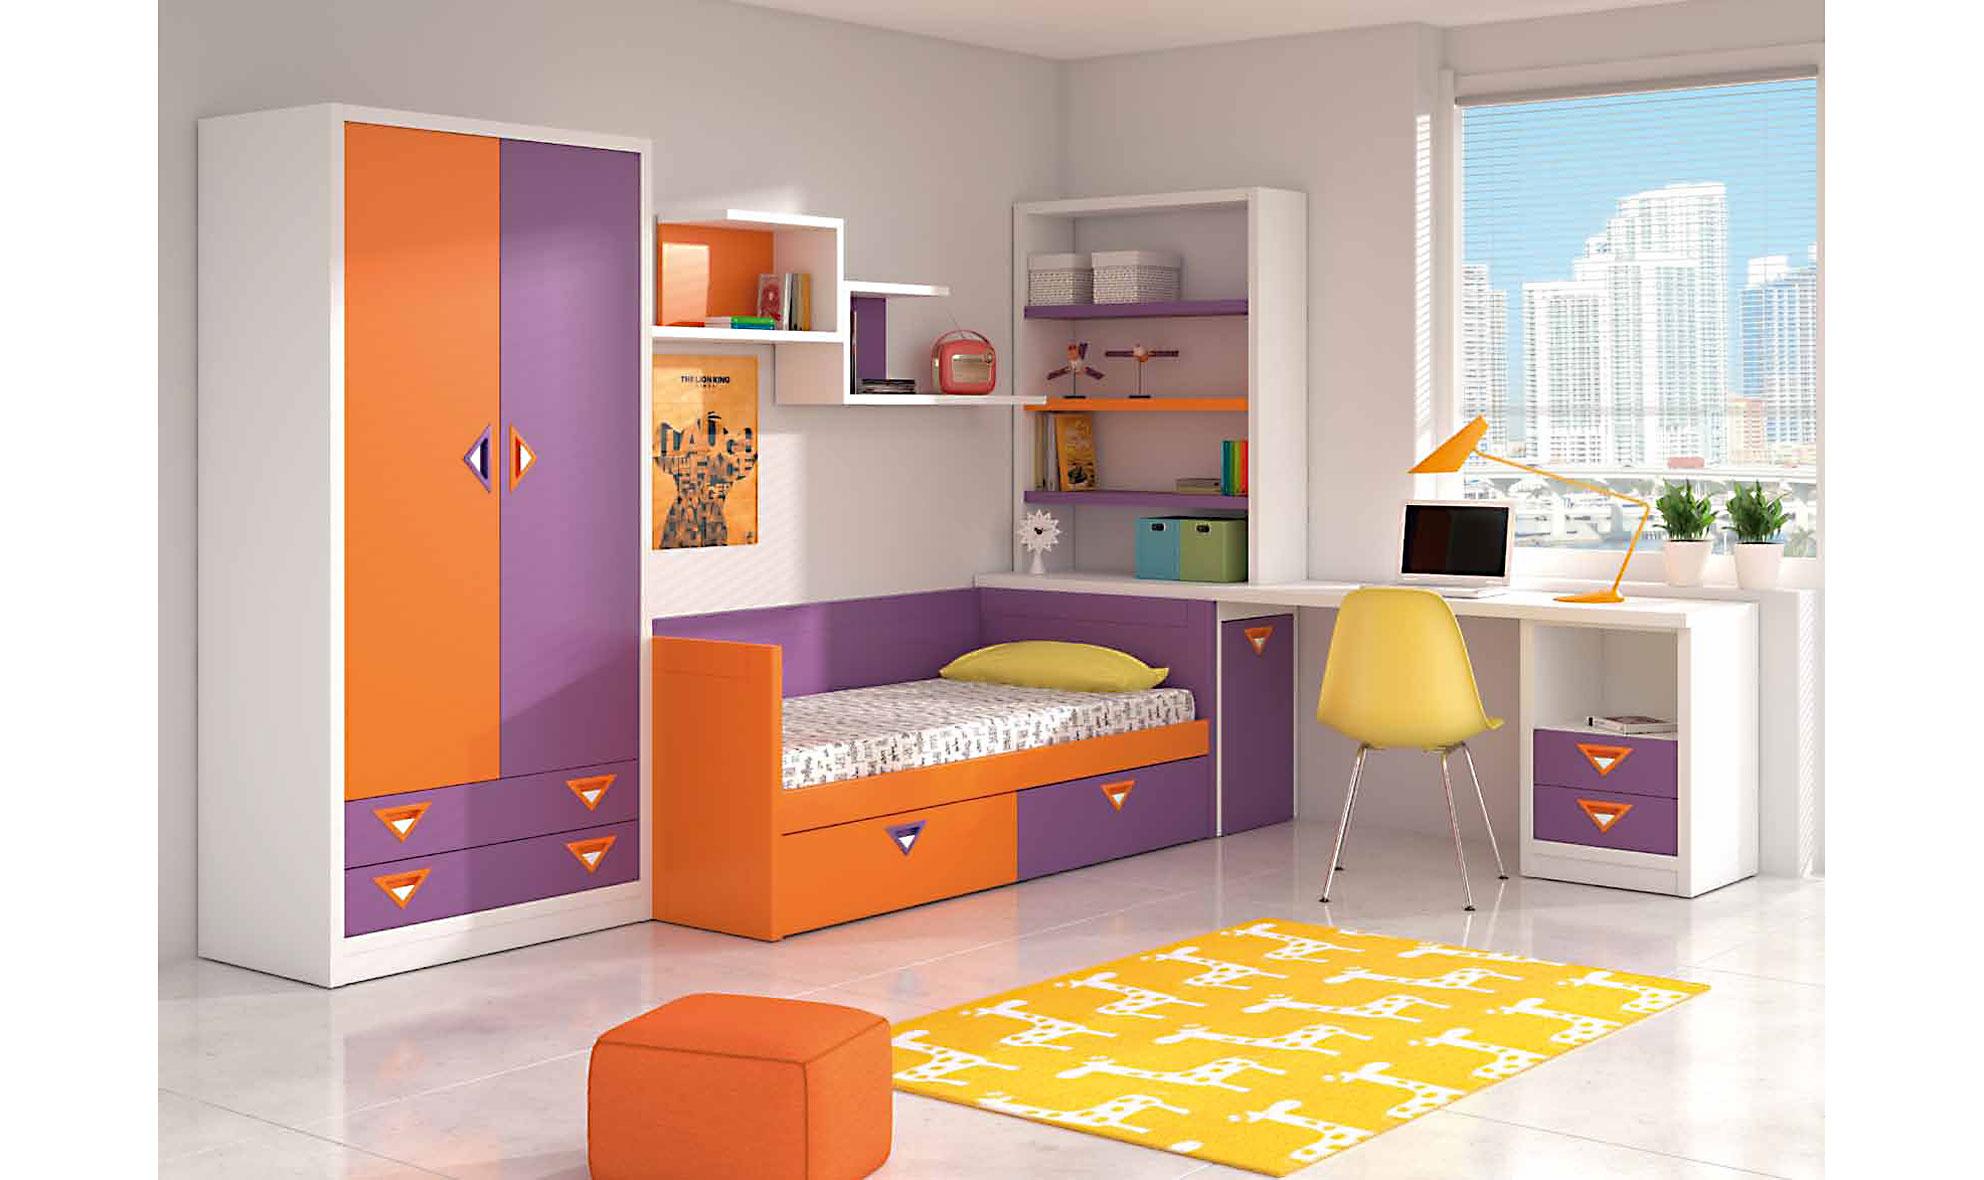 Dormitorios infantiles y juveniles de lujo en for Muebles de dormitorio infantil